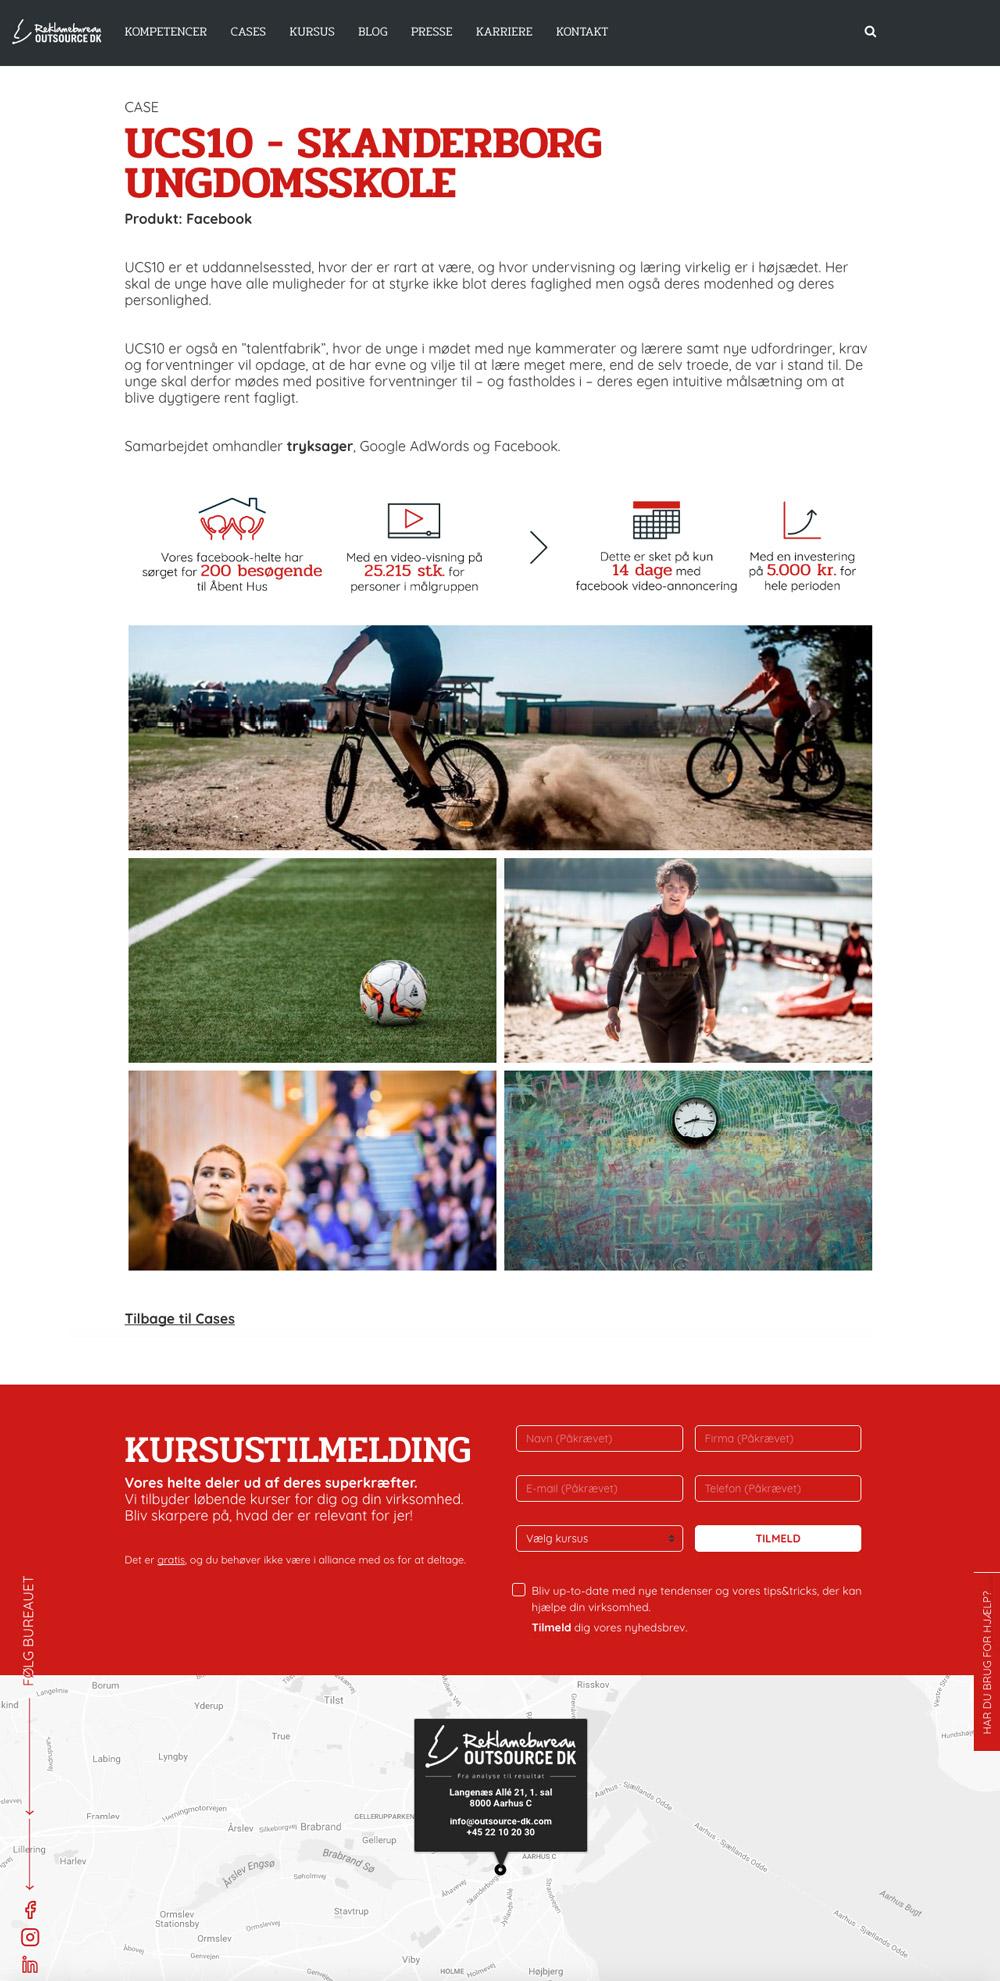 Outsource DK, ikoner brugt på underside ved resultat af facebook-kampagne, UCS10 - Skanderborg Ungdomsskole